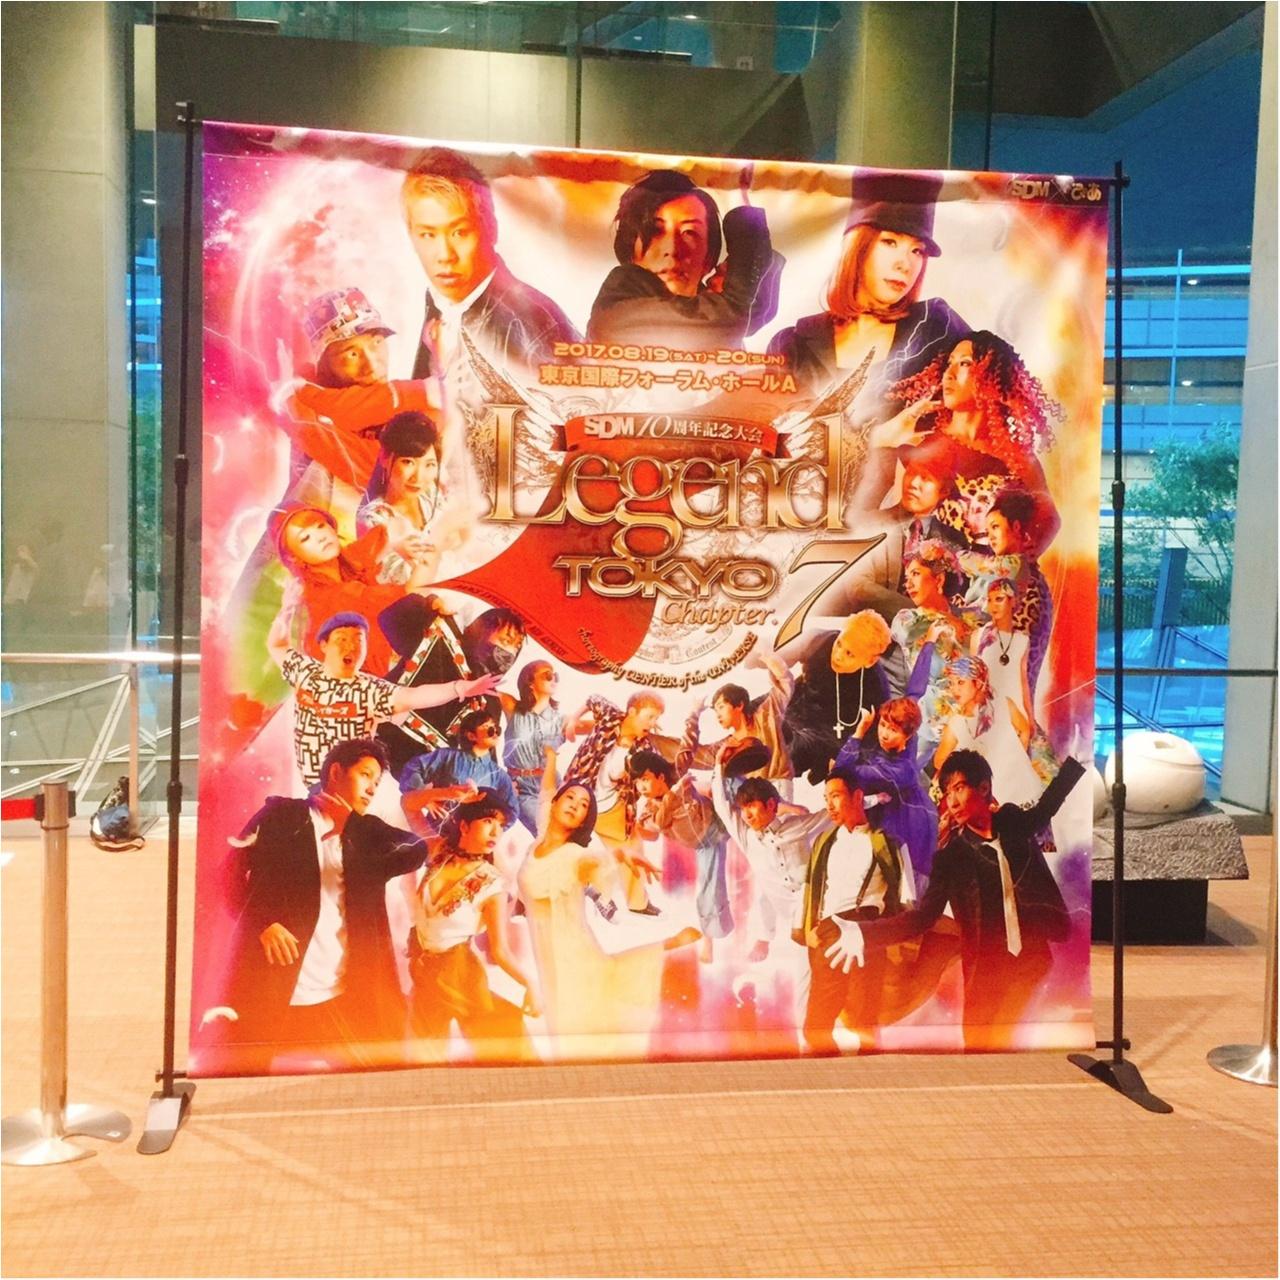 【本日開幕】 コンテストと過去受賞作品を連続で観られる《Legend Tokyo Chapter.7》だからこそ考えられたこと_4